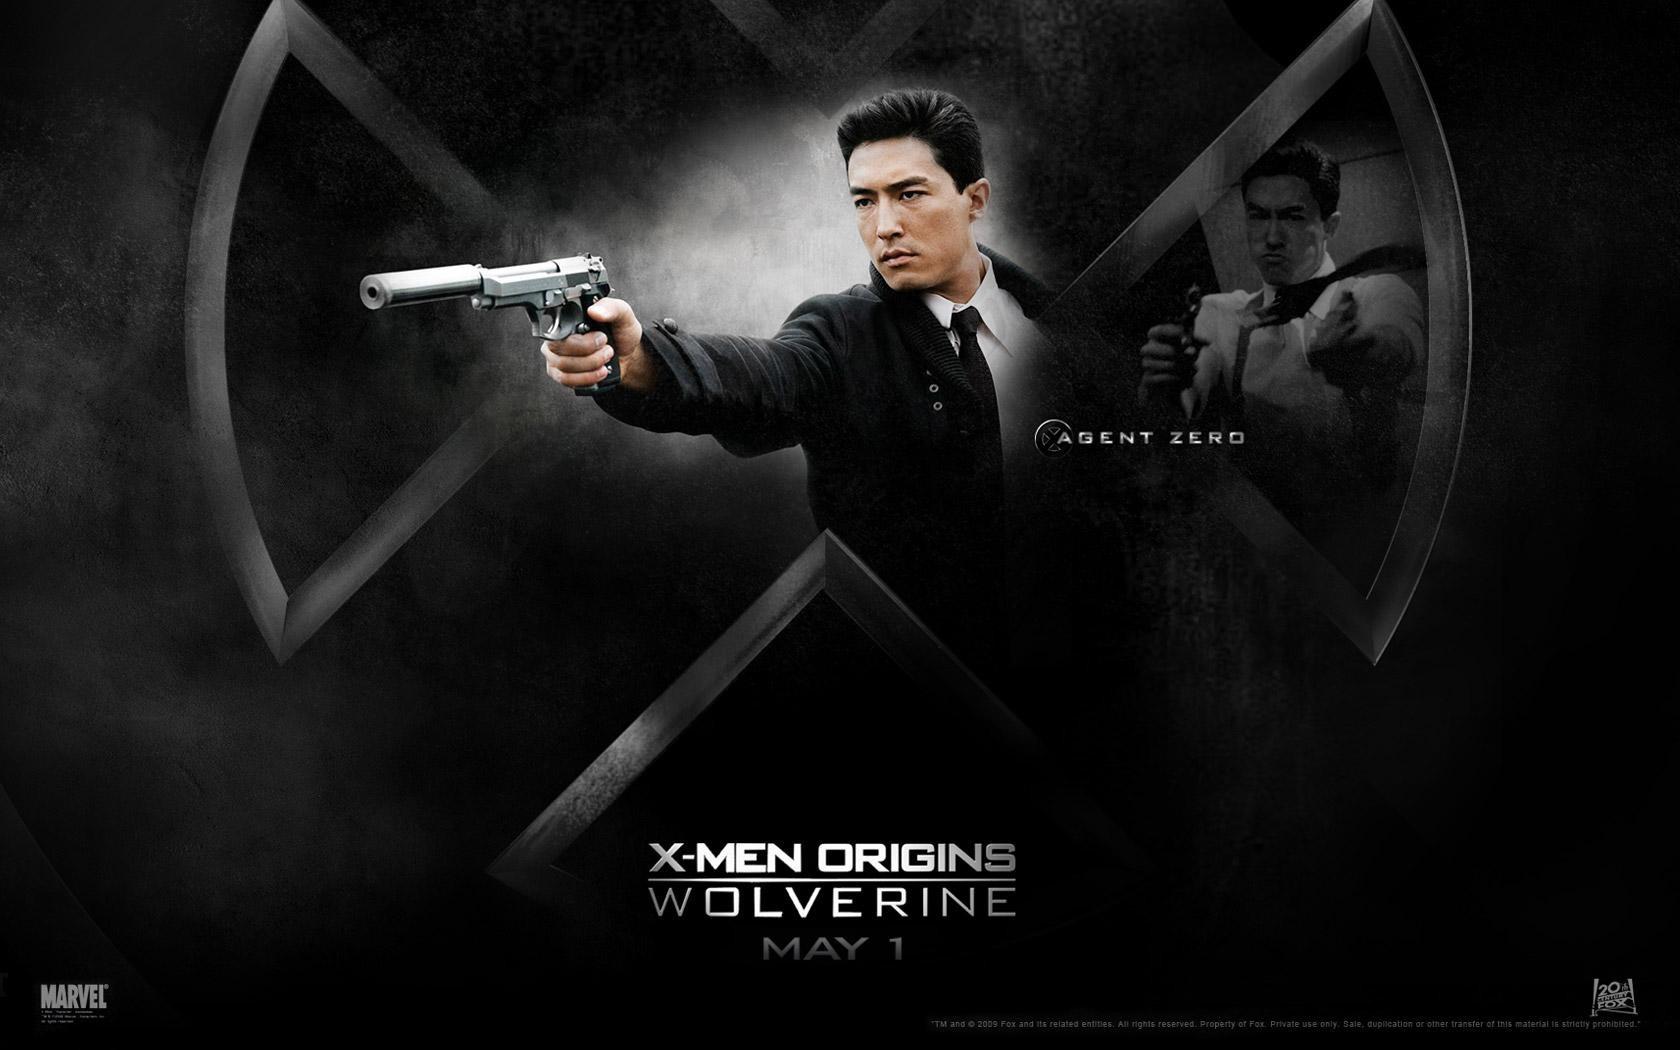 Un wallaper del film X-Men - Le origini: Wolverine con Daniel Henney, interprete di Agent Zero